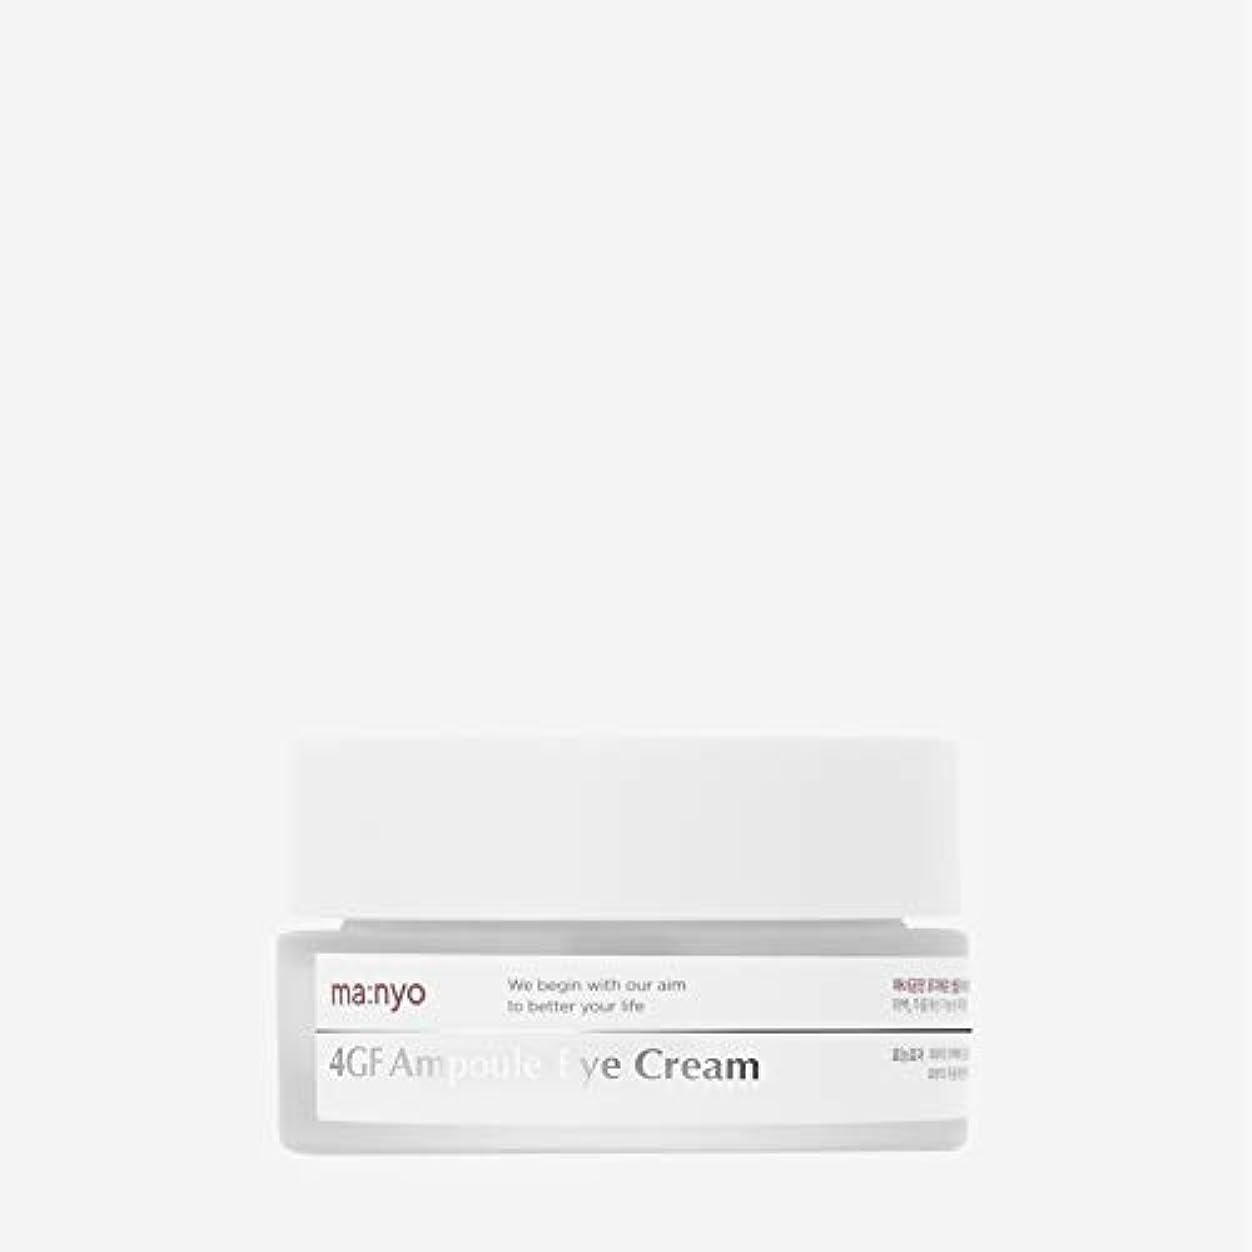 人生を作るシンボル晩餐魔女工場(Manyo Factory) 4GFアイクリーム 30ml / 死ぬまでに1度は塗ってみたい、その成分